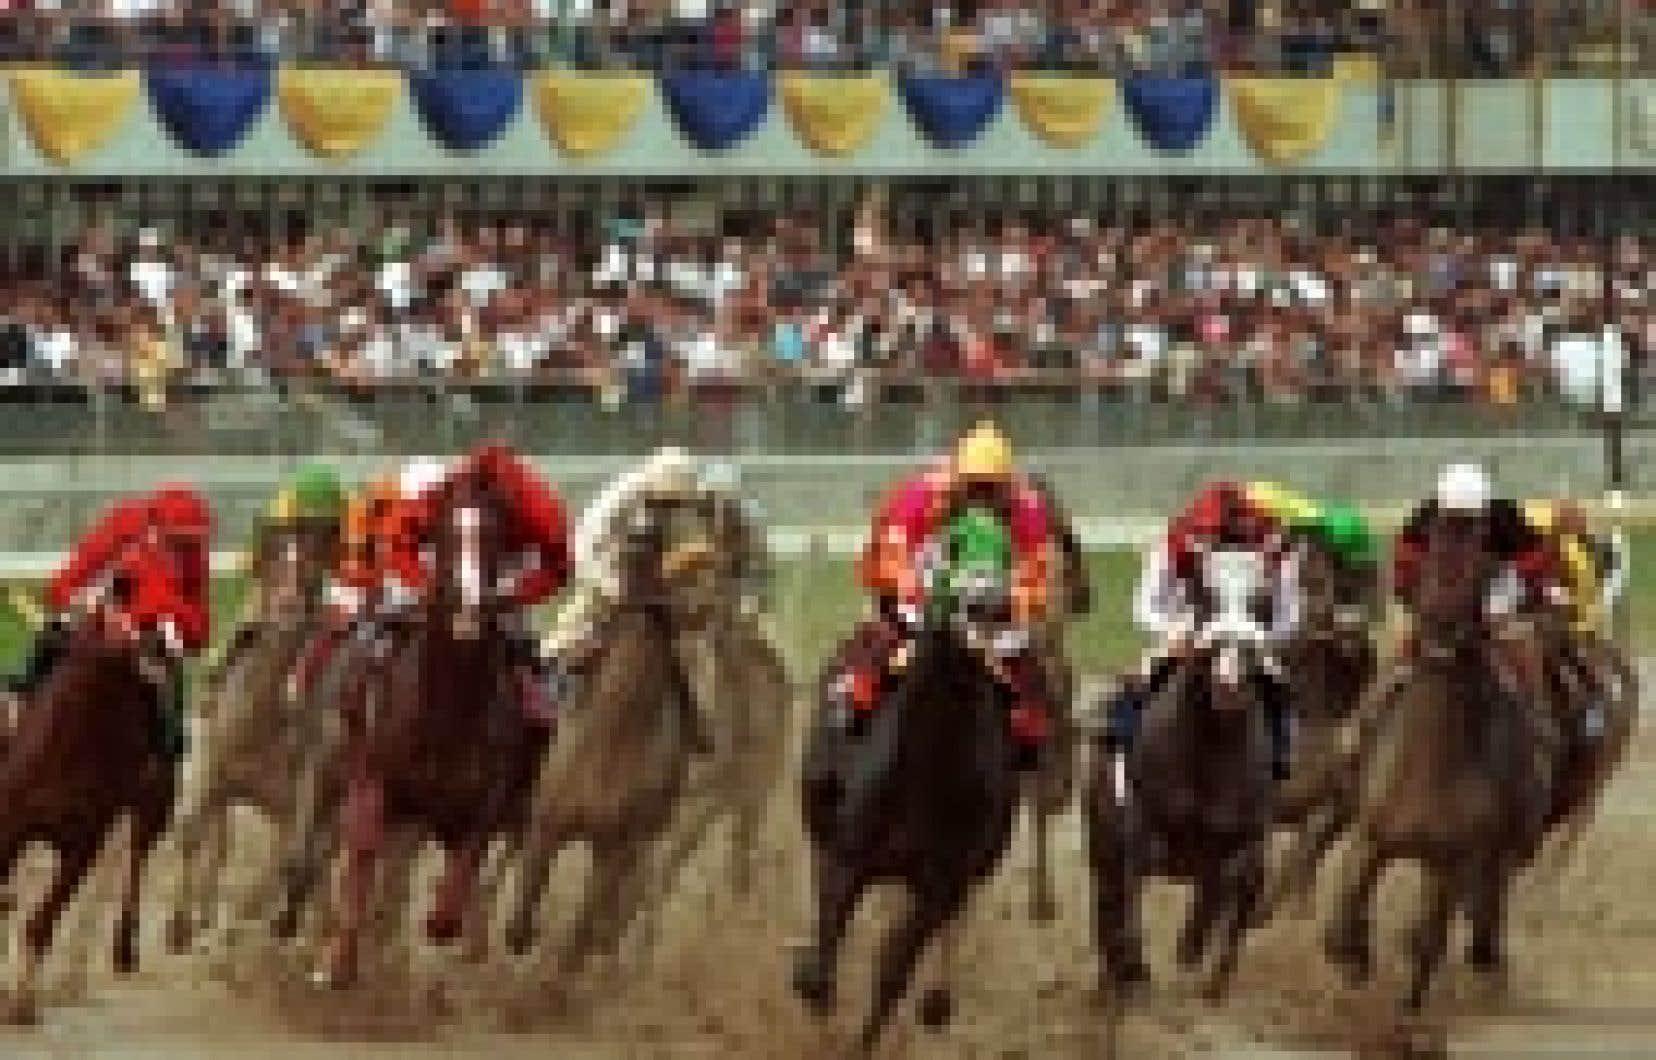 Québec a calculé avoir englouti quelque 300 millions de dollars dans l'industrie des courses de chevaux entre 1997 et 2002 et veut s'assurer que l'avenir de ce secteur sera désormais assuré par le secteur privé.